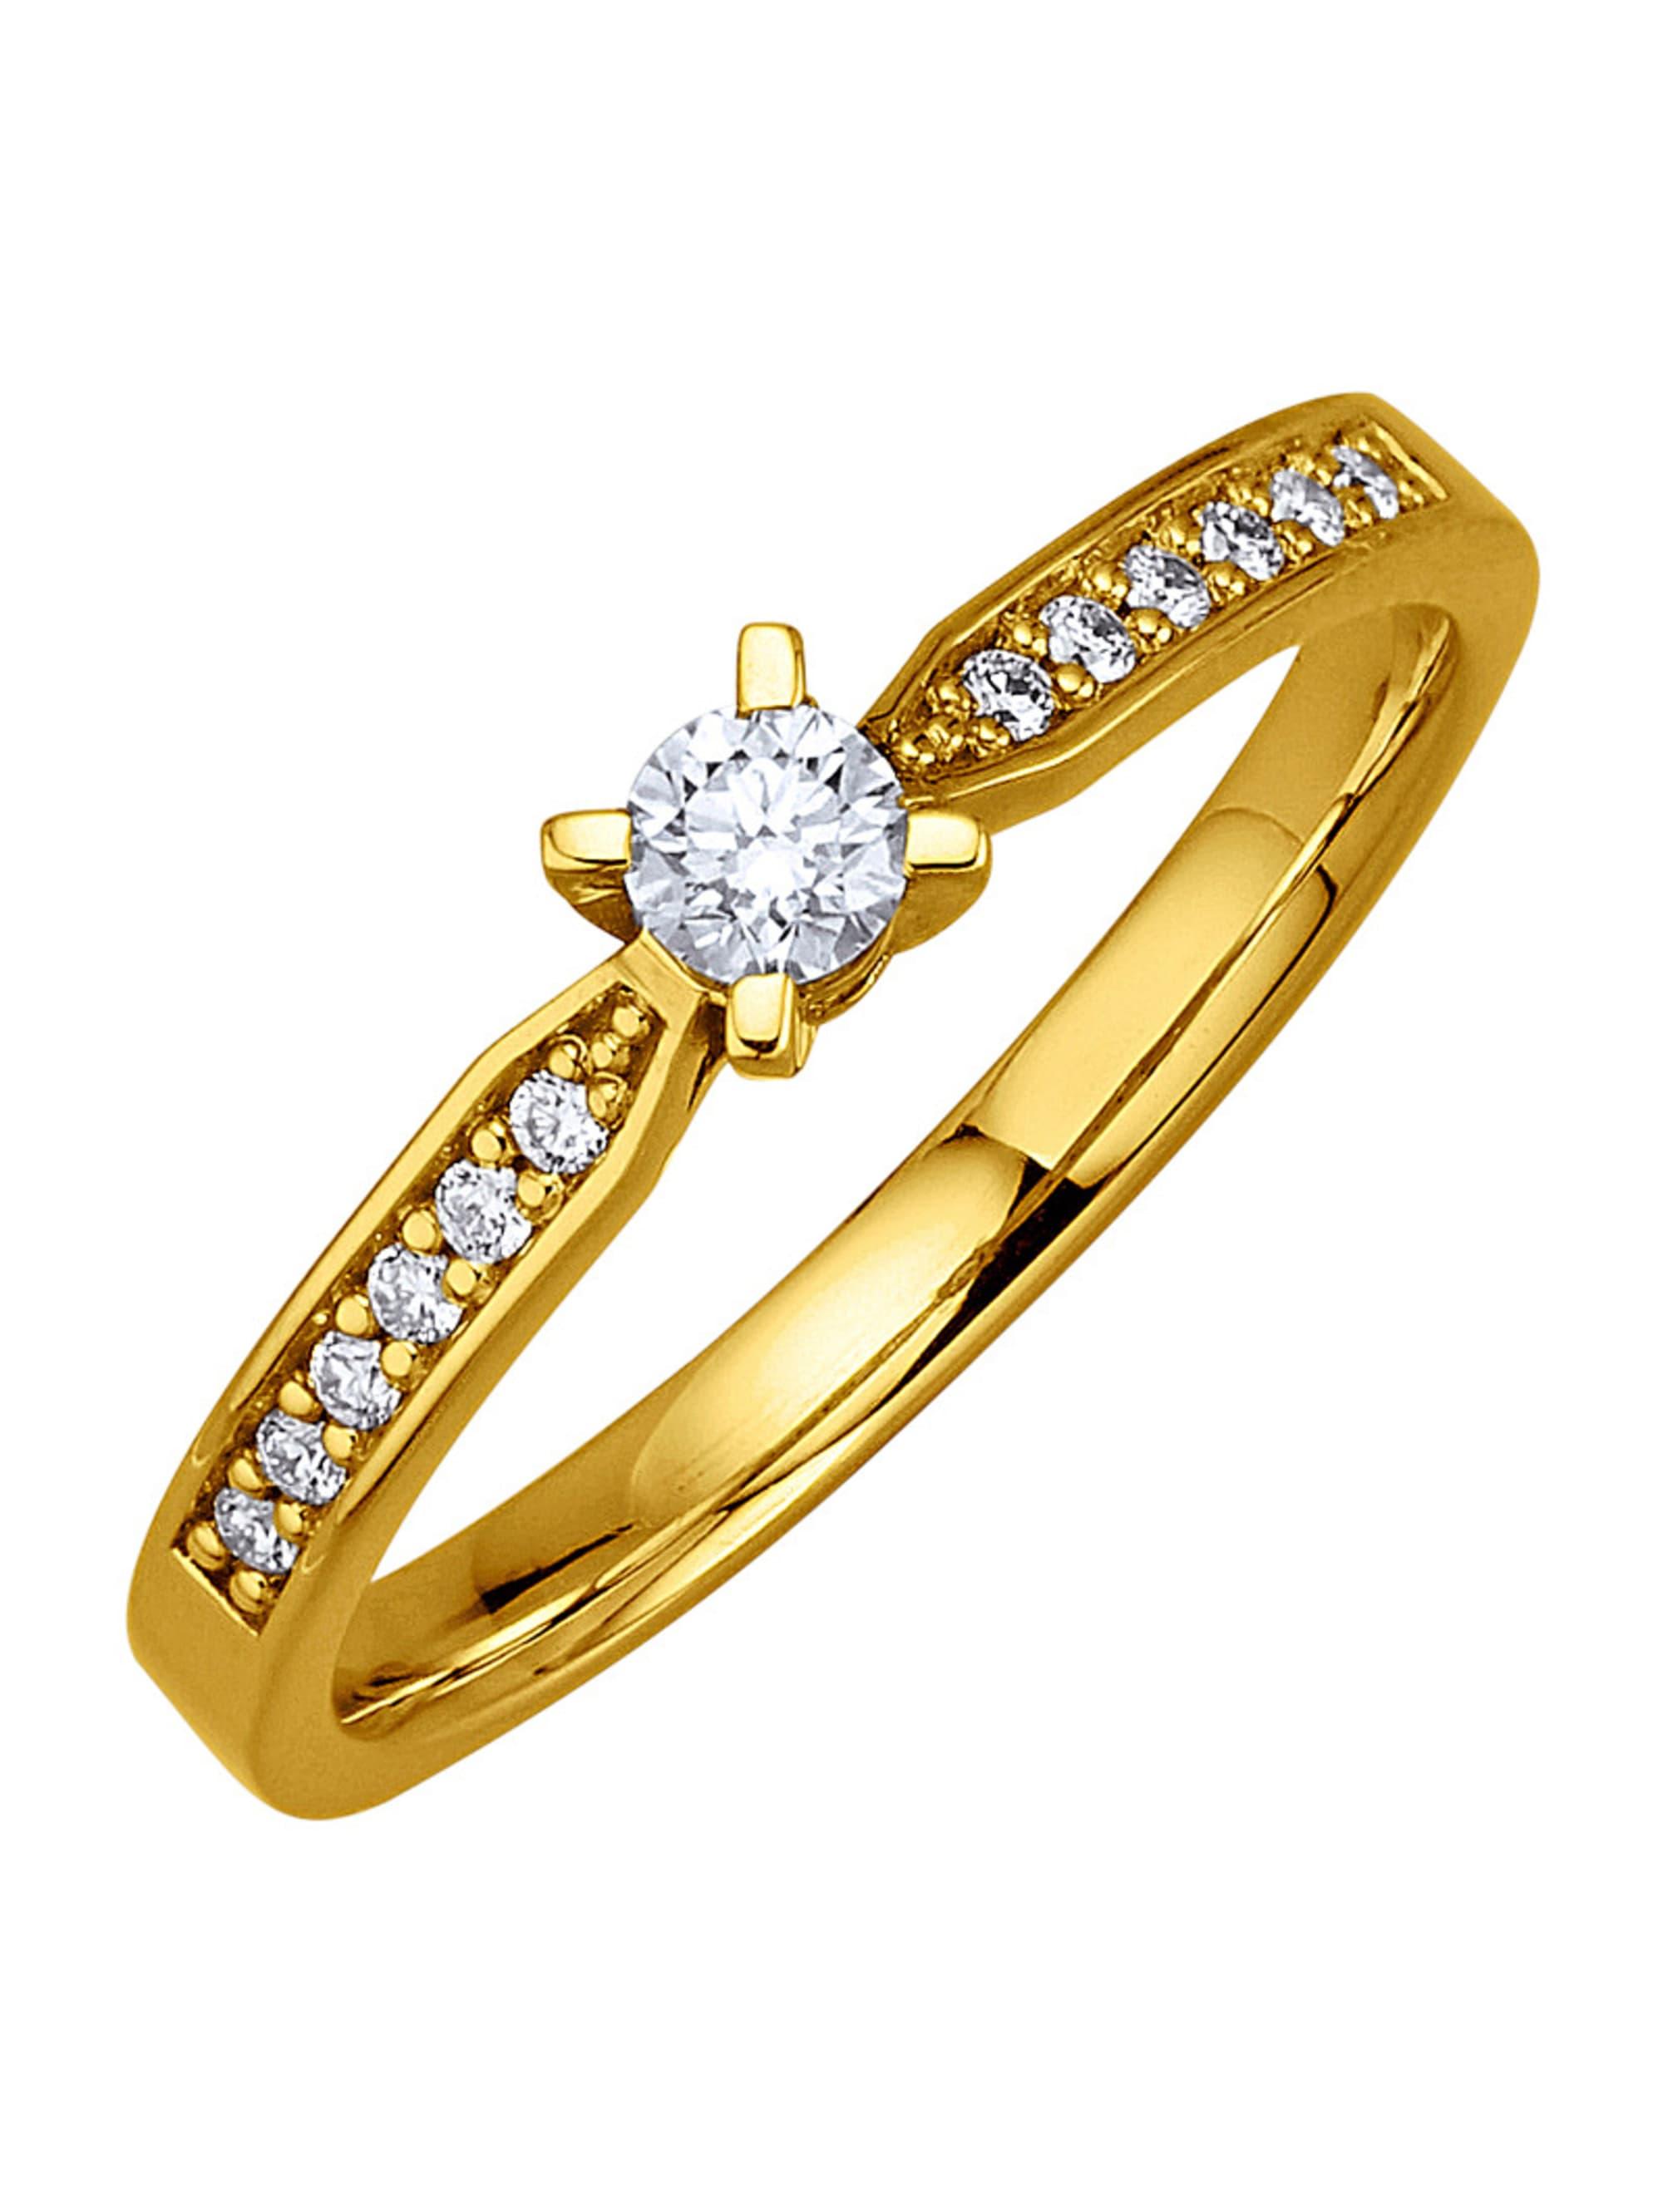 Diemer Diamant Damenring mit Brillanten khtvd